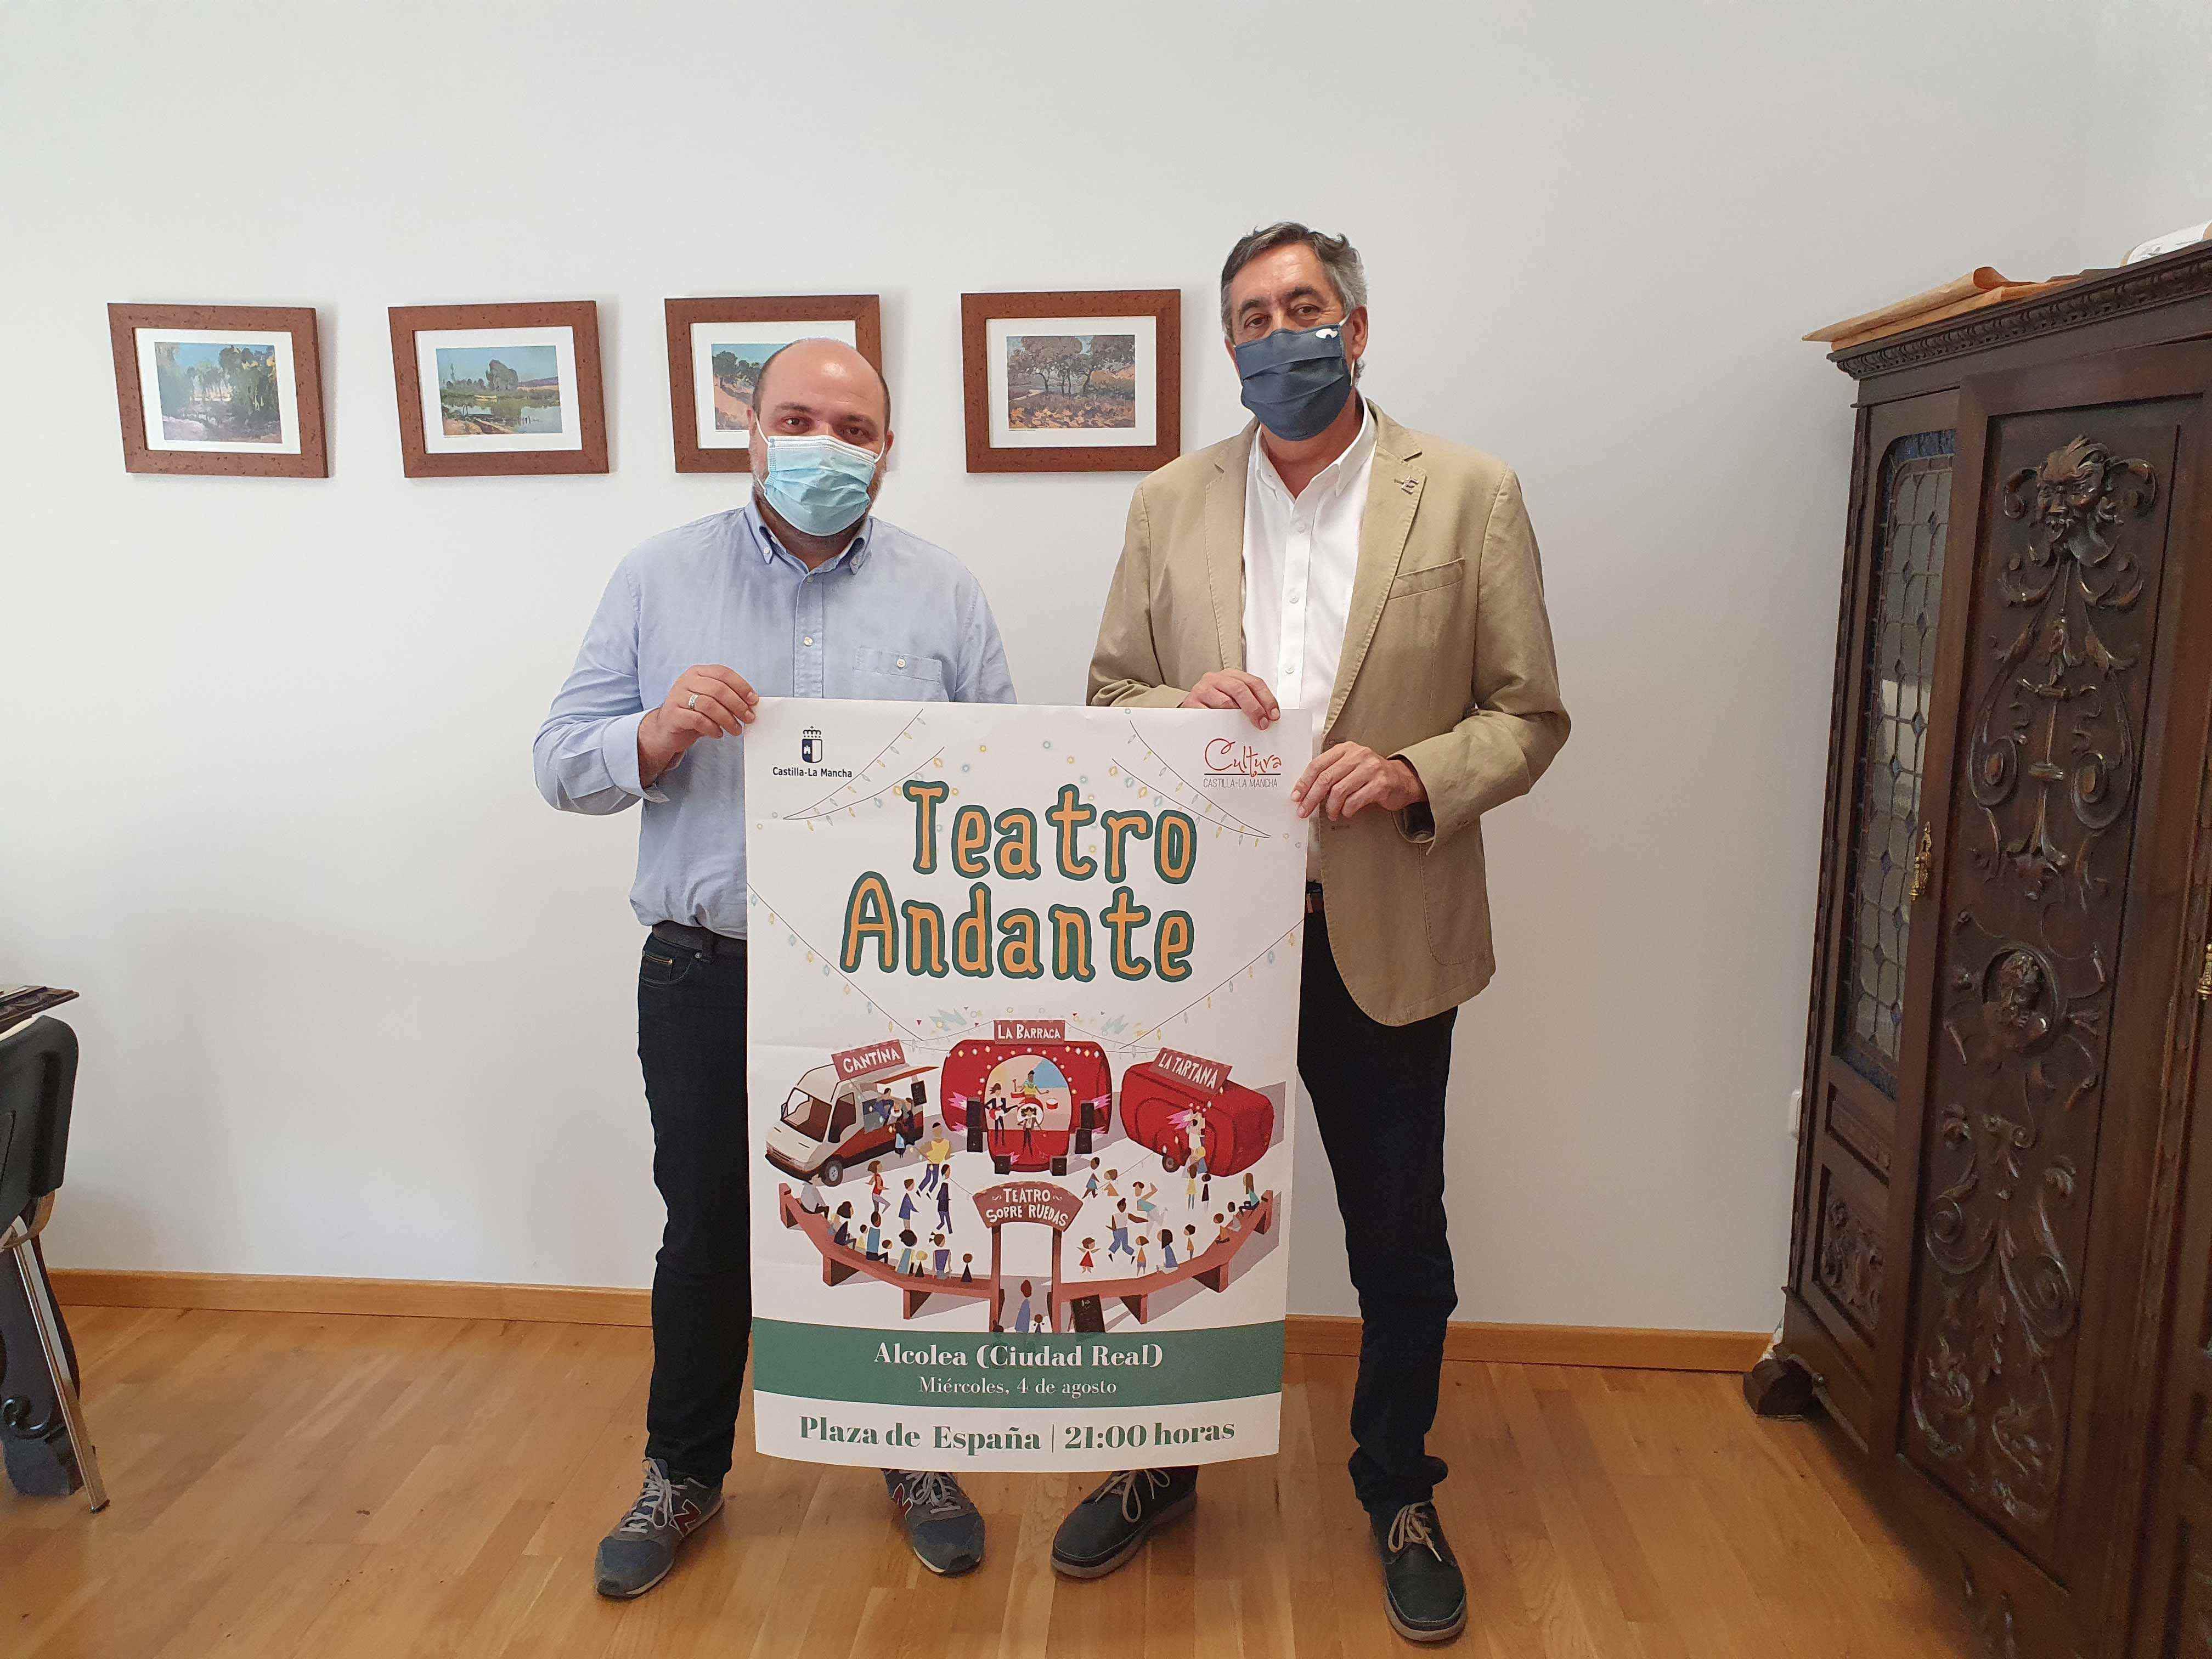 El Gobierno de Castilla-La Mancha acerca la cultura a la localidad de Alcolea de Calatrava gracias al proyecto 'Teatro Andante'